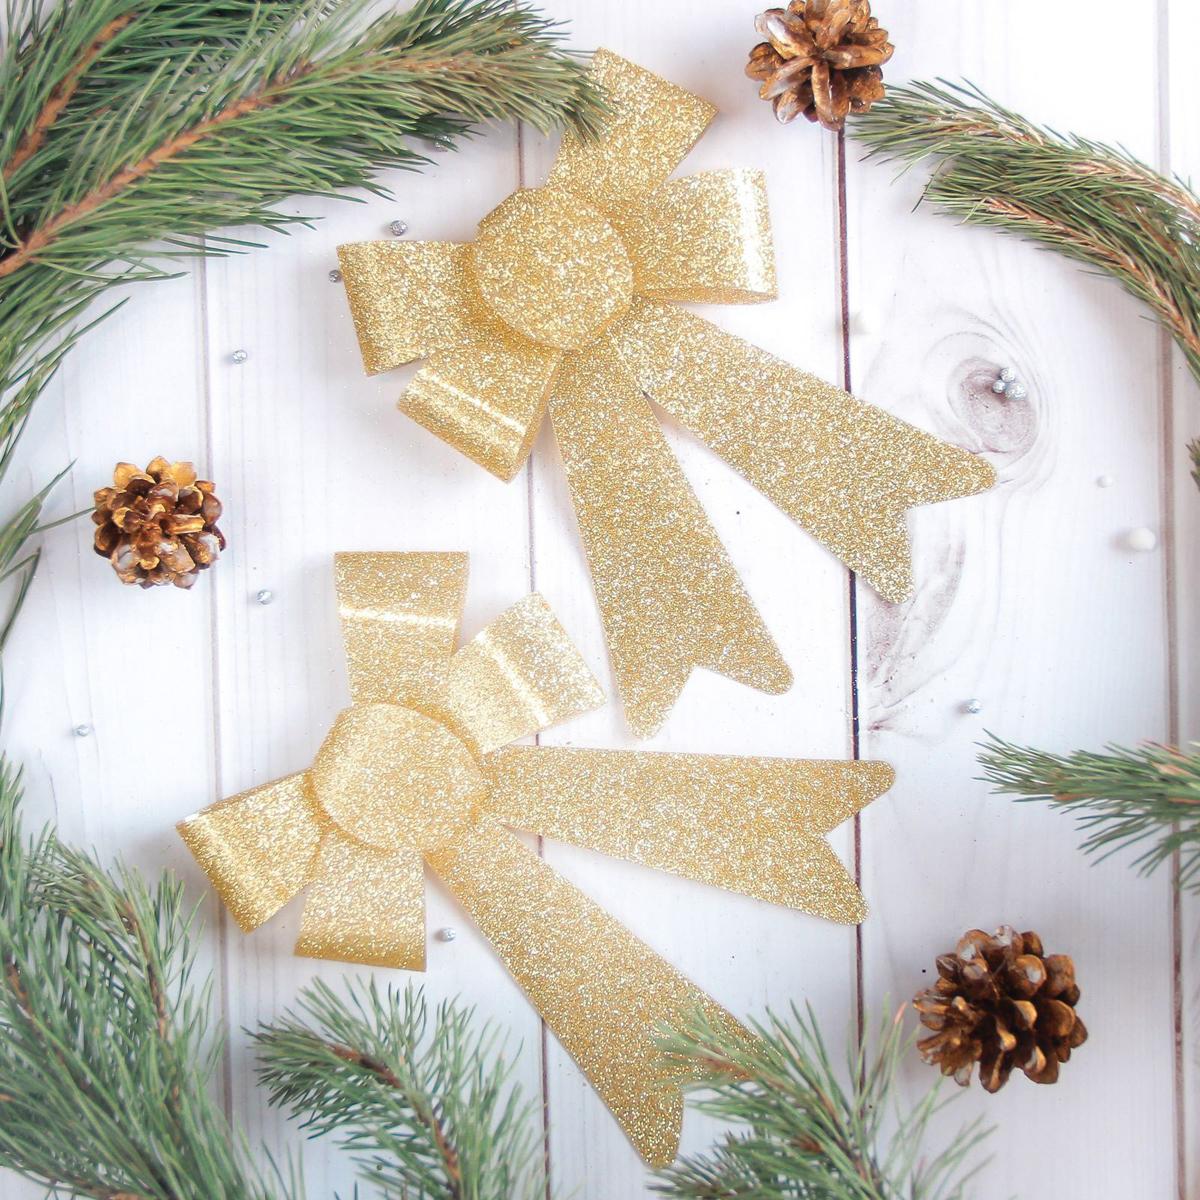 Набор новогодних подвесных украшений Sima-land Бант, 13 х 16 см, 2 шт2371274Набор новогодних подвесных украшений Sima-land отлично подойдет для декорации вашего дома и новогодней ели. Новогодние украшения можно повесить в любом понравившемся вам месте. Но, конечно, удачнее всего они будет смотреться на праздничной елке.Елочная игрушка - символ Нового года. Она несет в себе волшебство и красоту праздника. Такое украшение создаст в вашем доме атмосферу праздника, веселья и радости.